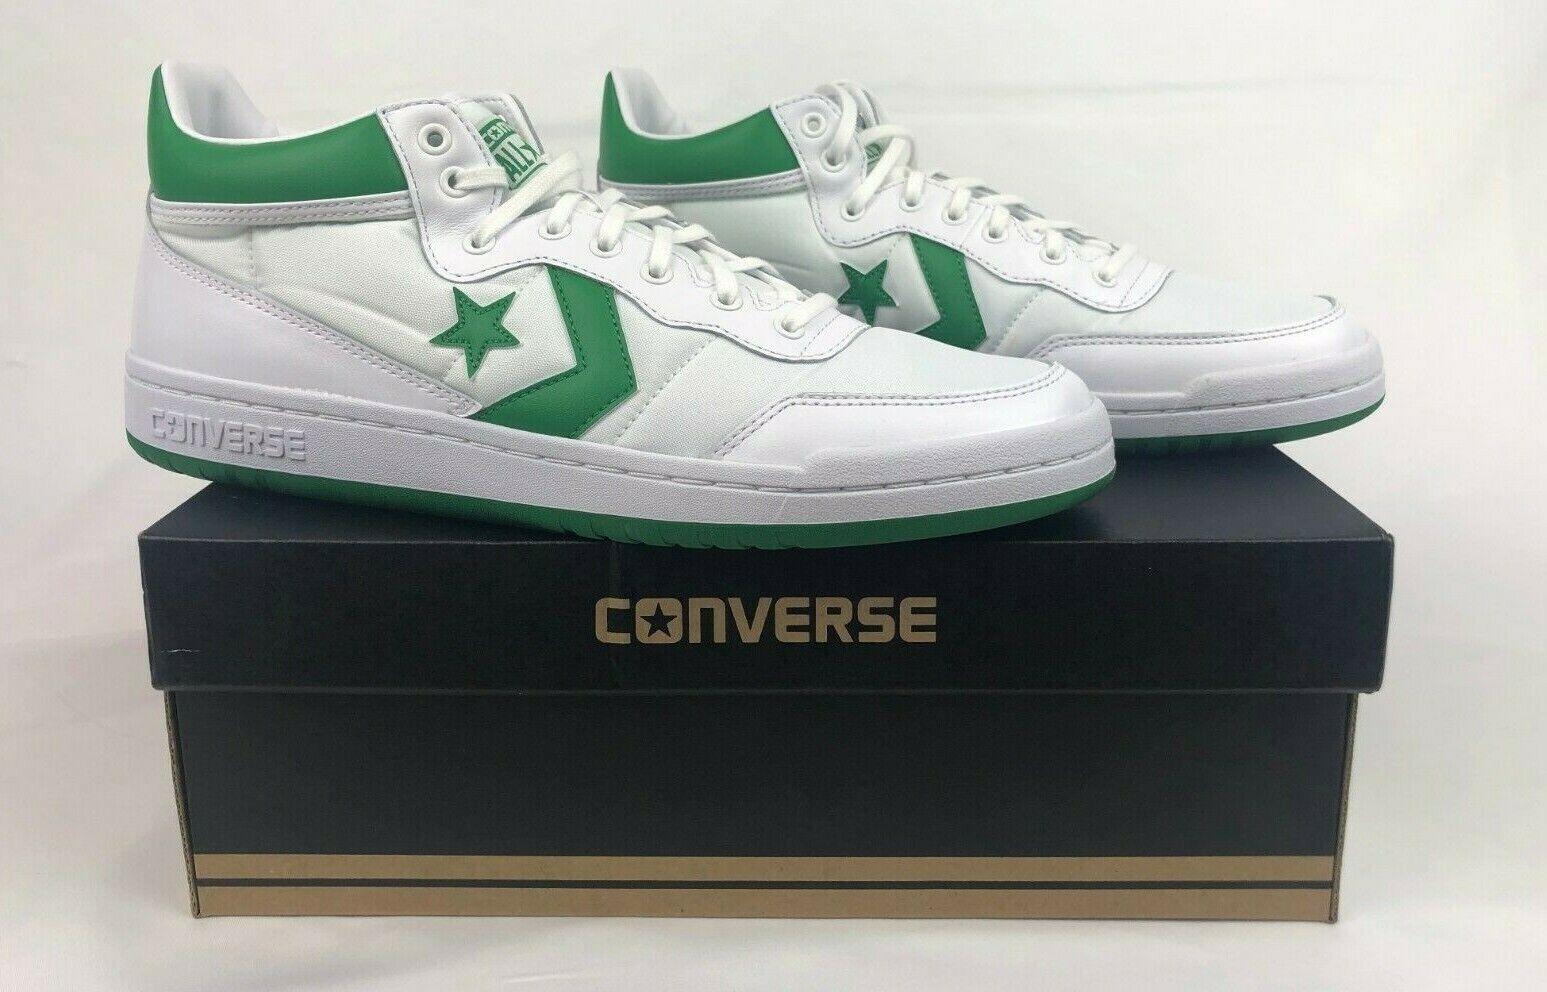 79a24d86eb20 Converse Fastbreak 83 1983 Lunarlon Vintage White Green Retro Men ...